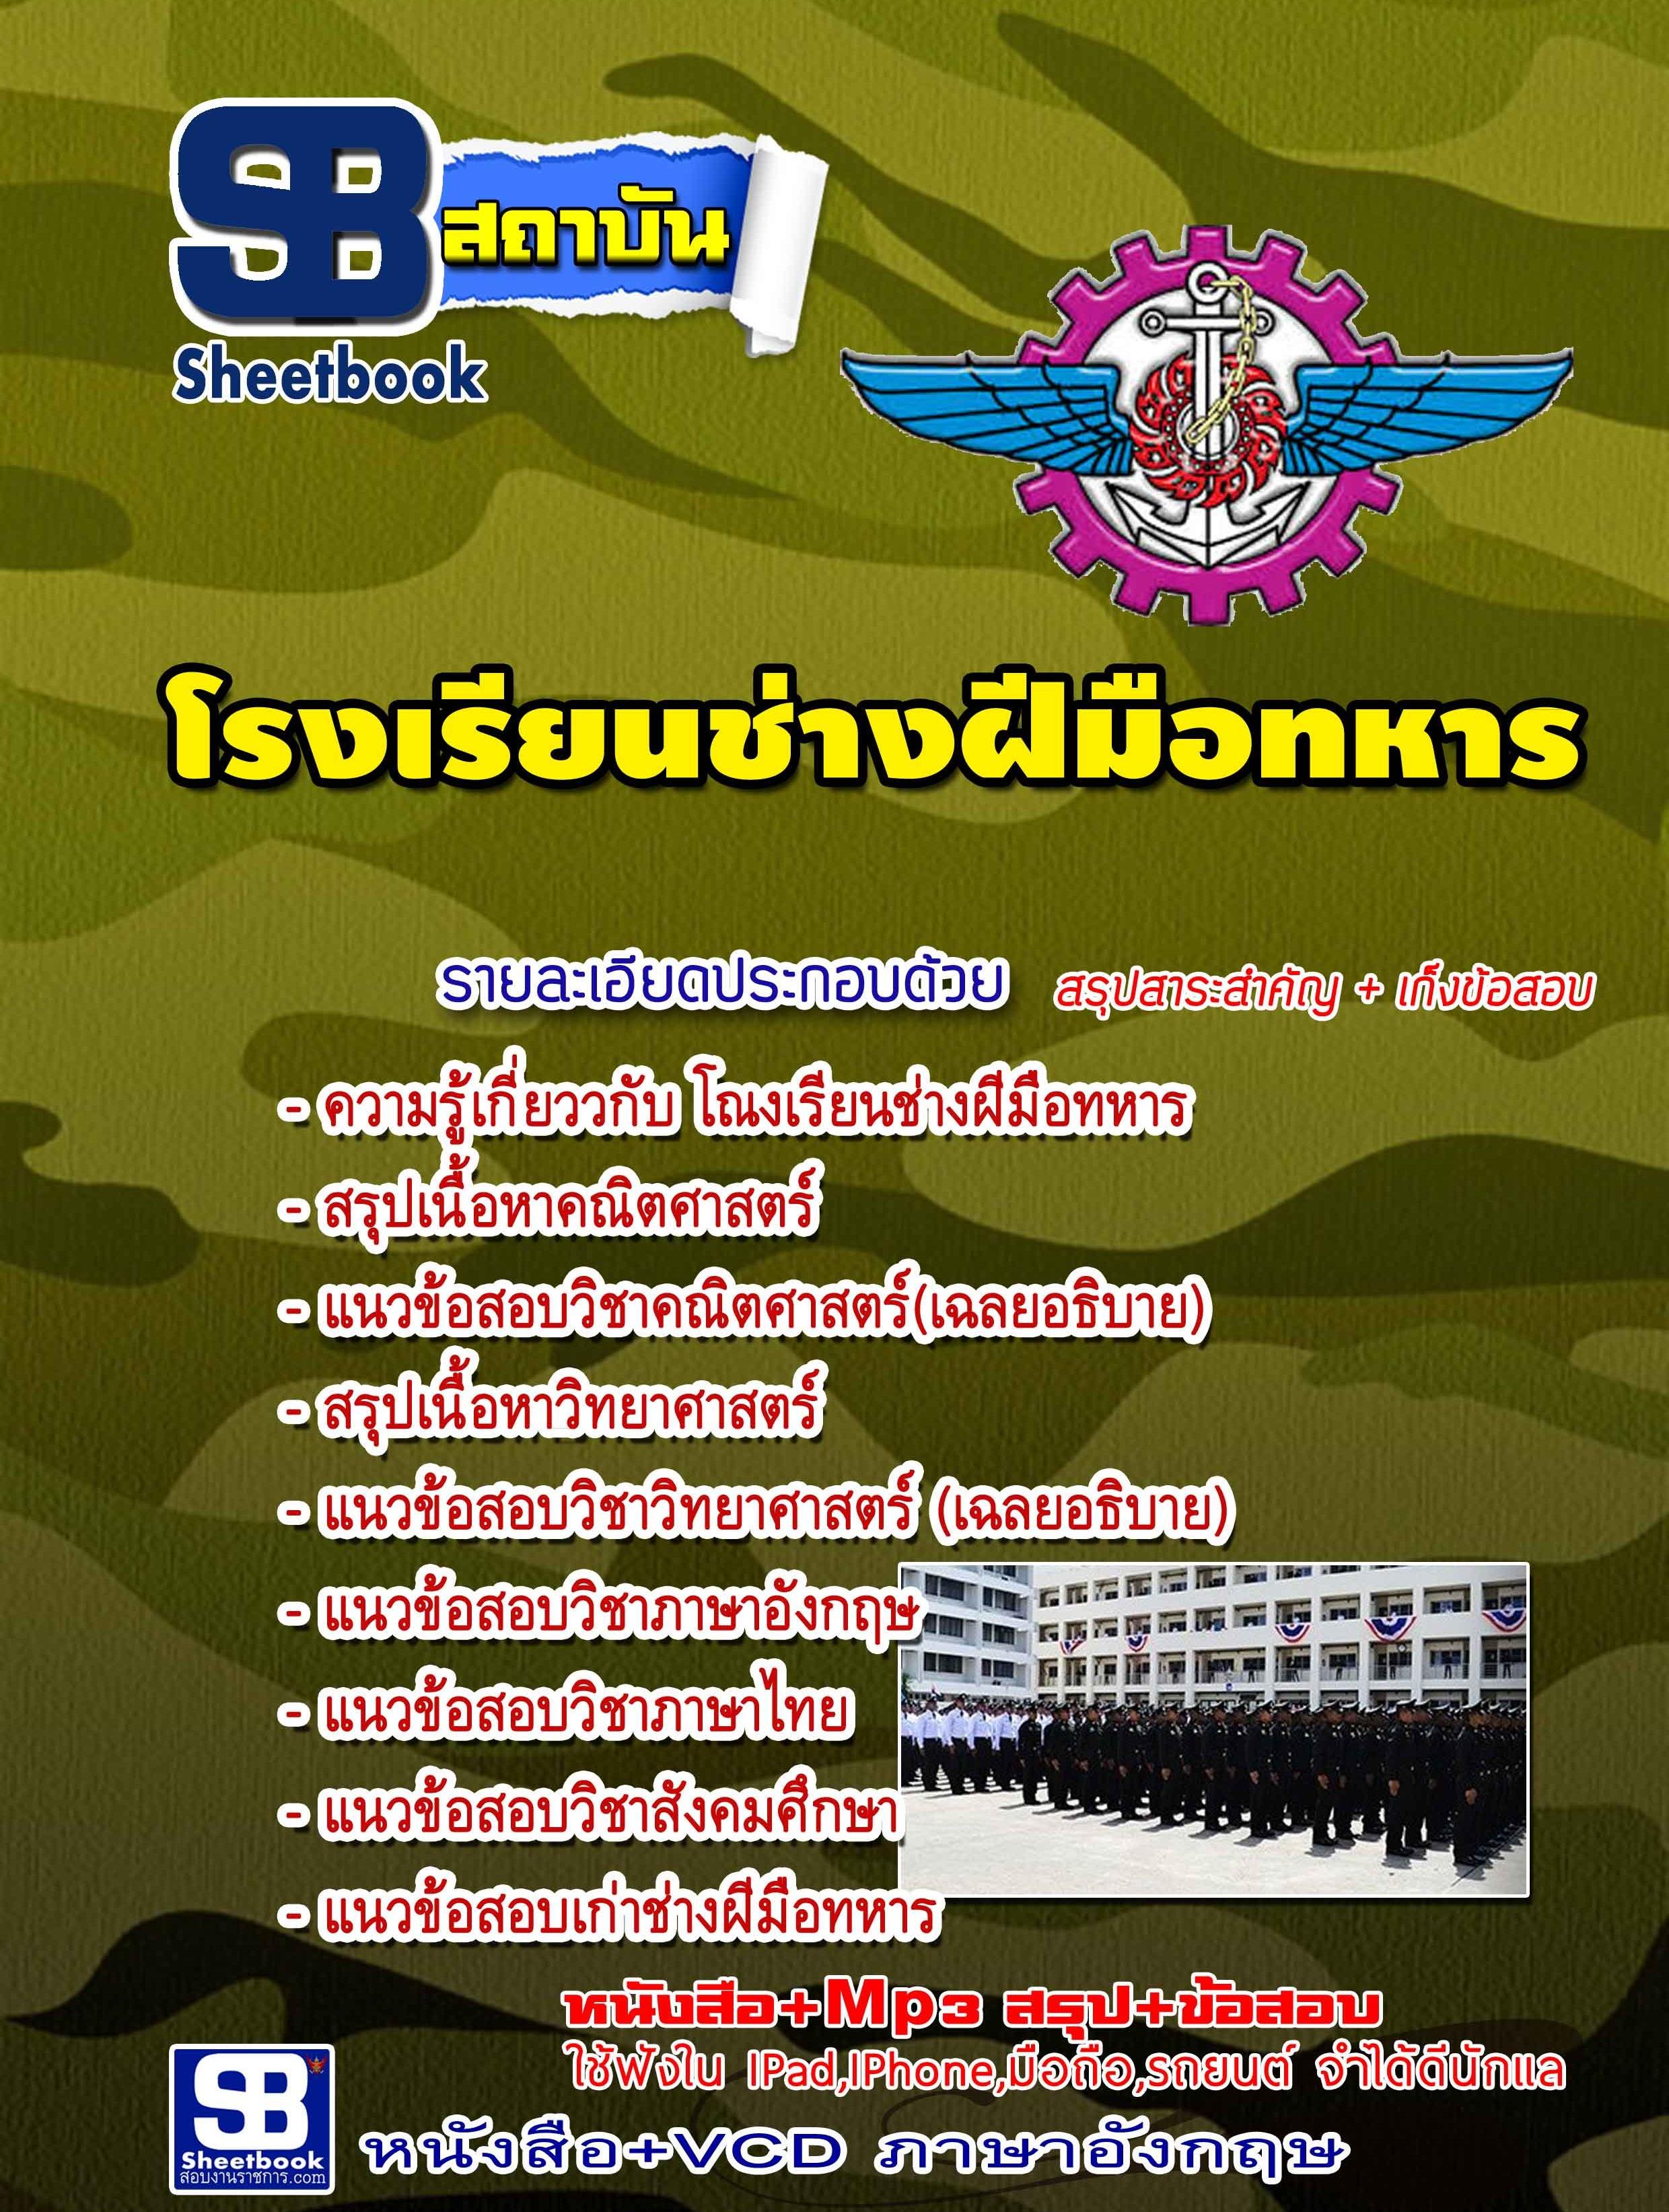 แนวข้อสอบโรงเรียนช่างฝีมือทหาร [พร้อมเฉลย]